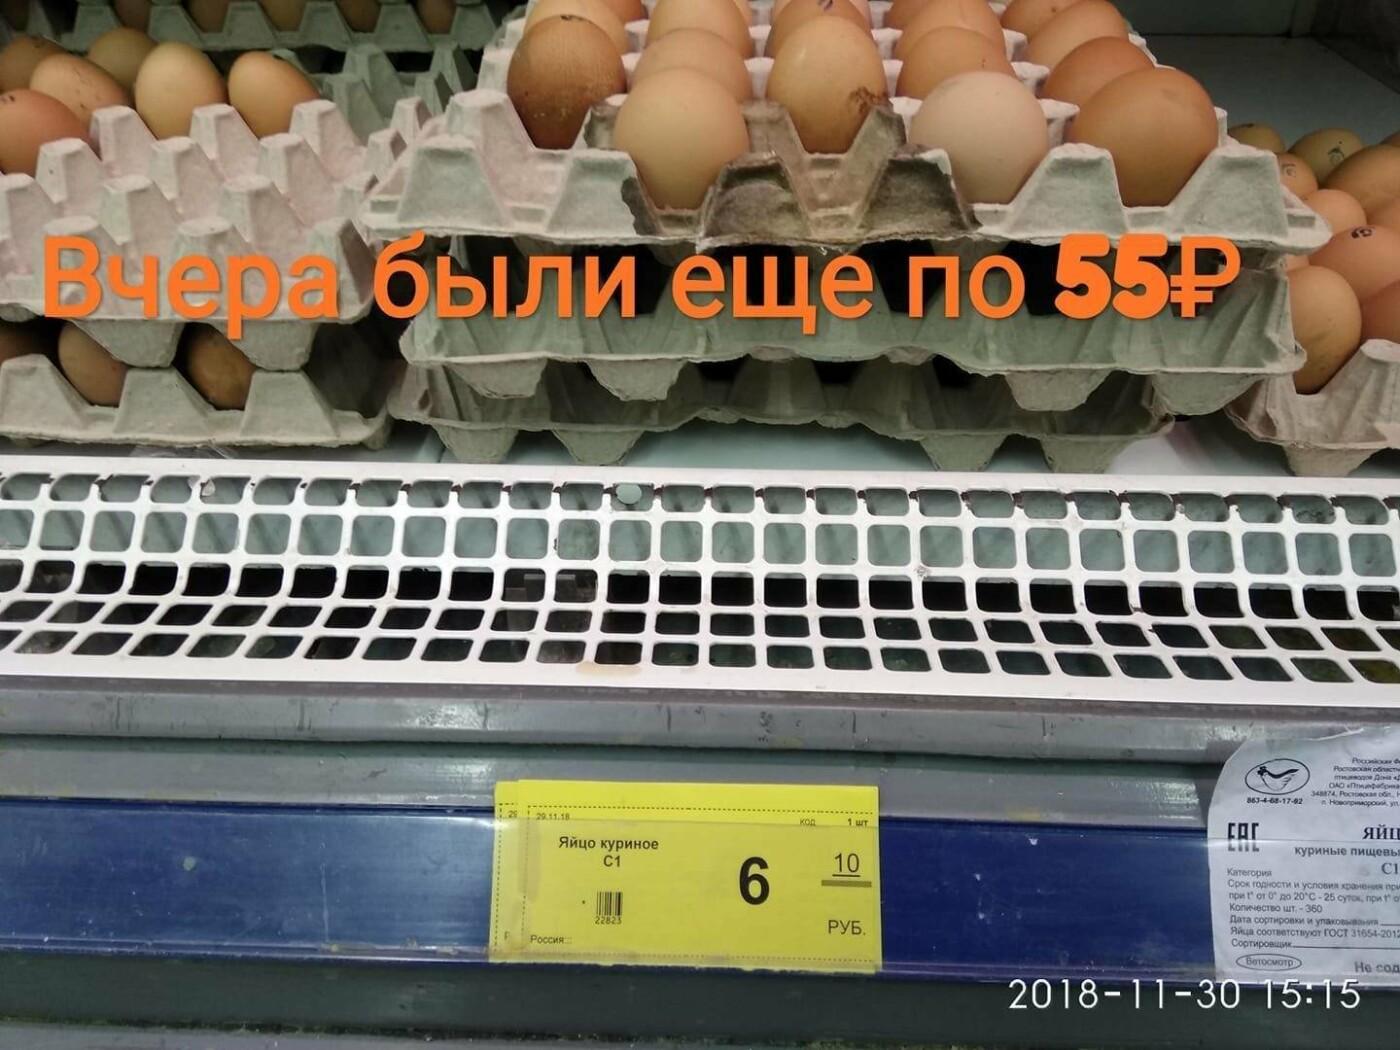 В Донецке резко выросли цены на хлеб и продукты первой необходимости, фото-5